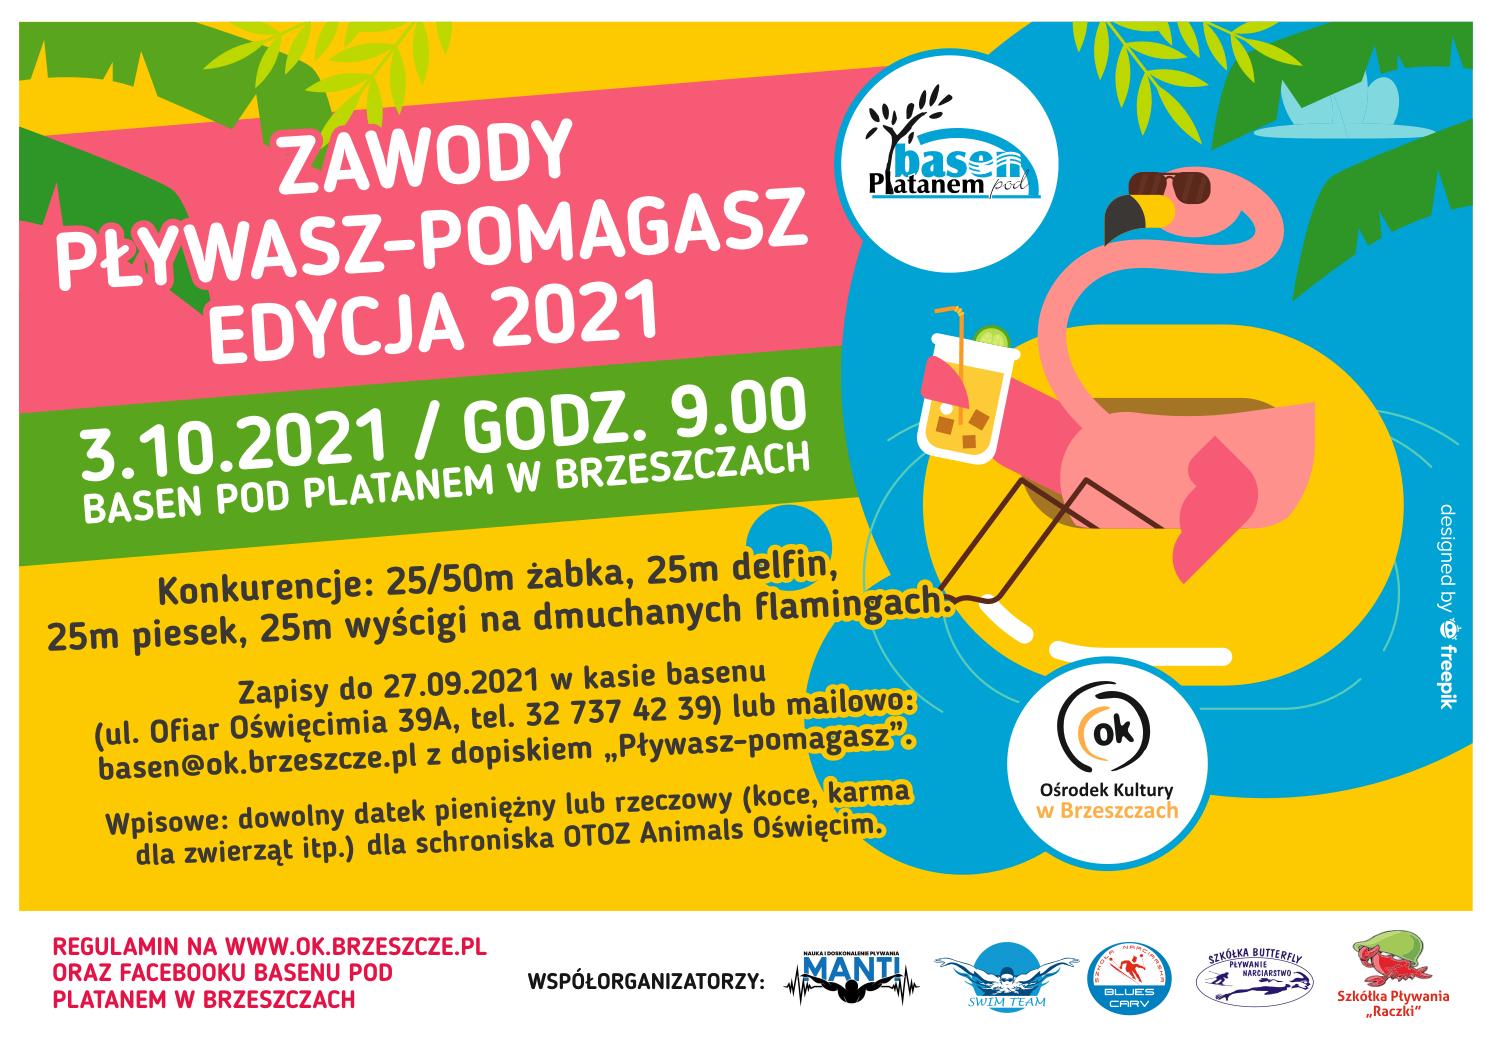 Zawody Pływasz-Pomagasz - Edycja 2021